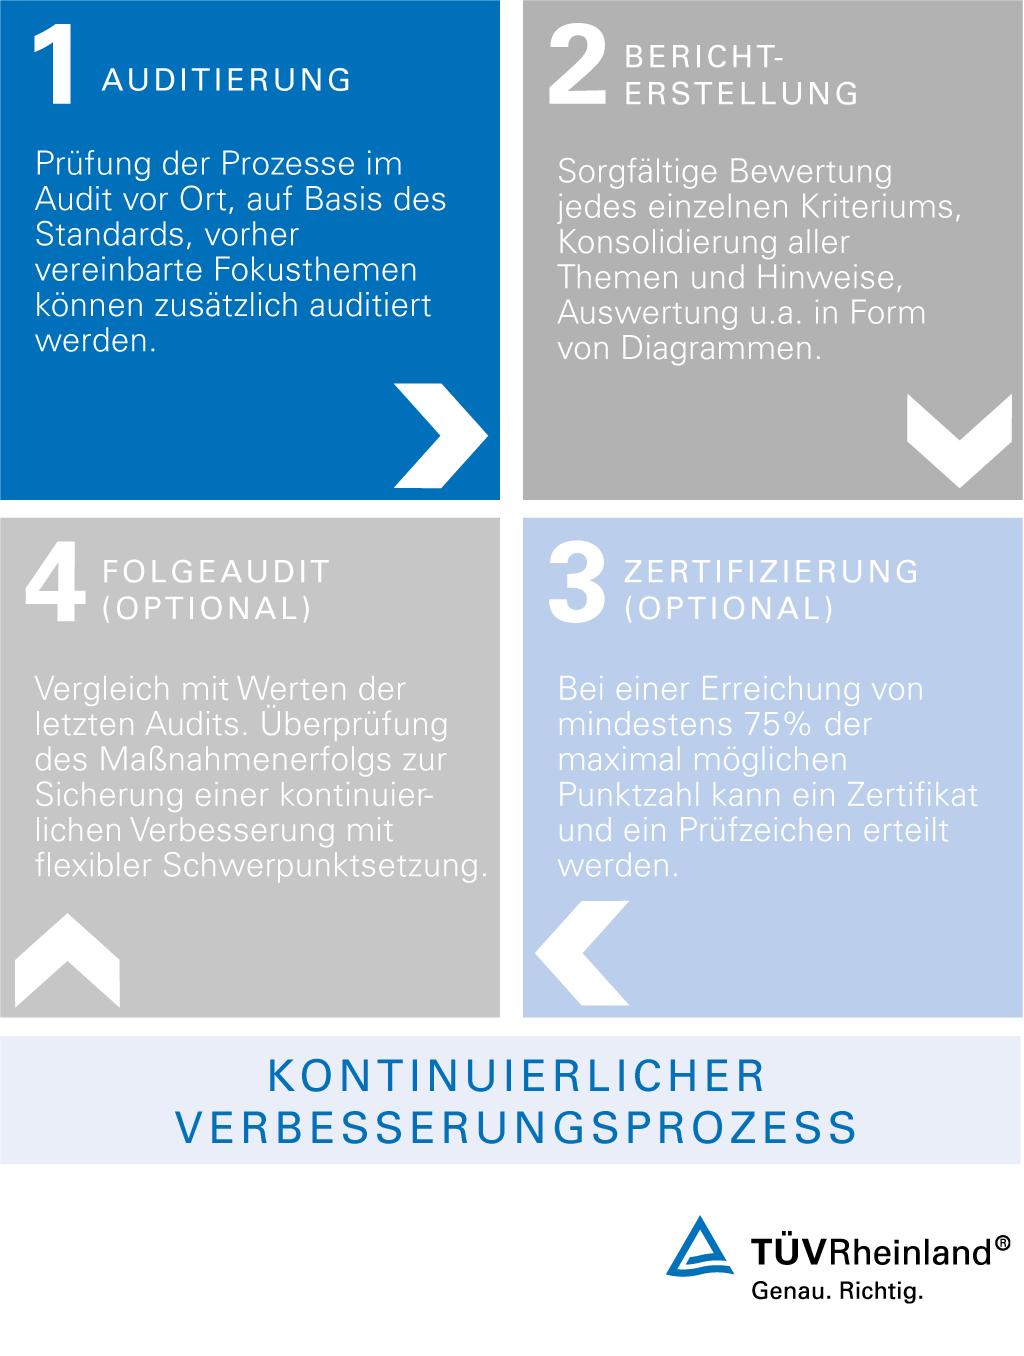 Auditablauf Fur Geprufte Vertriebsprozesse Tuv Rheinland Infografik Rheinland Konsolidierung